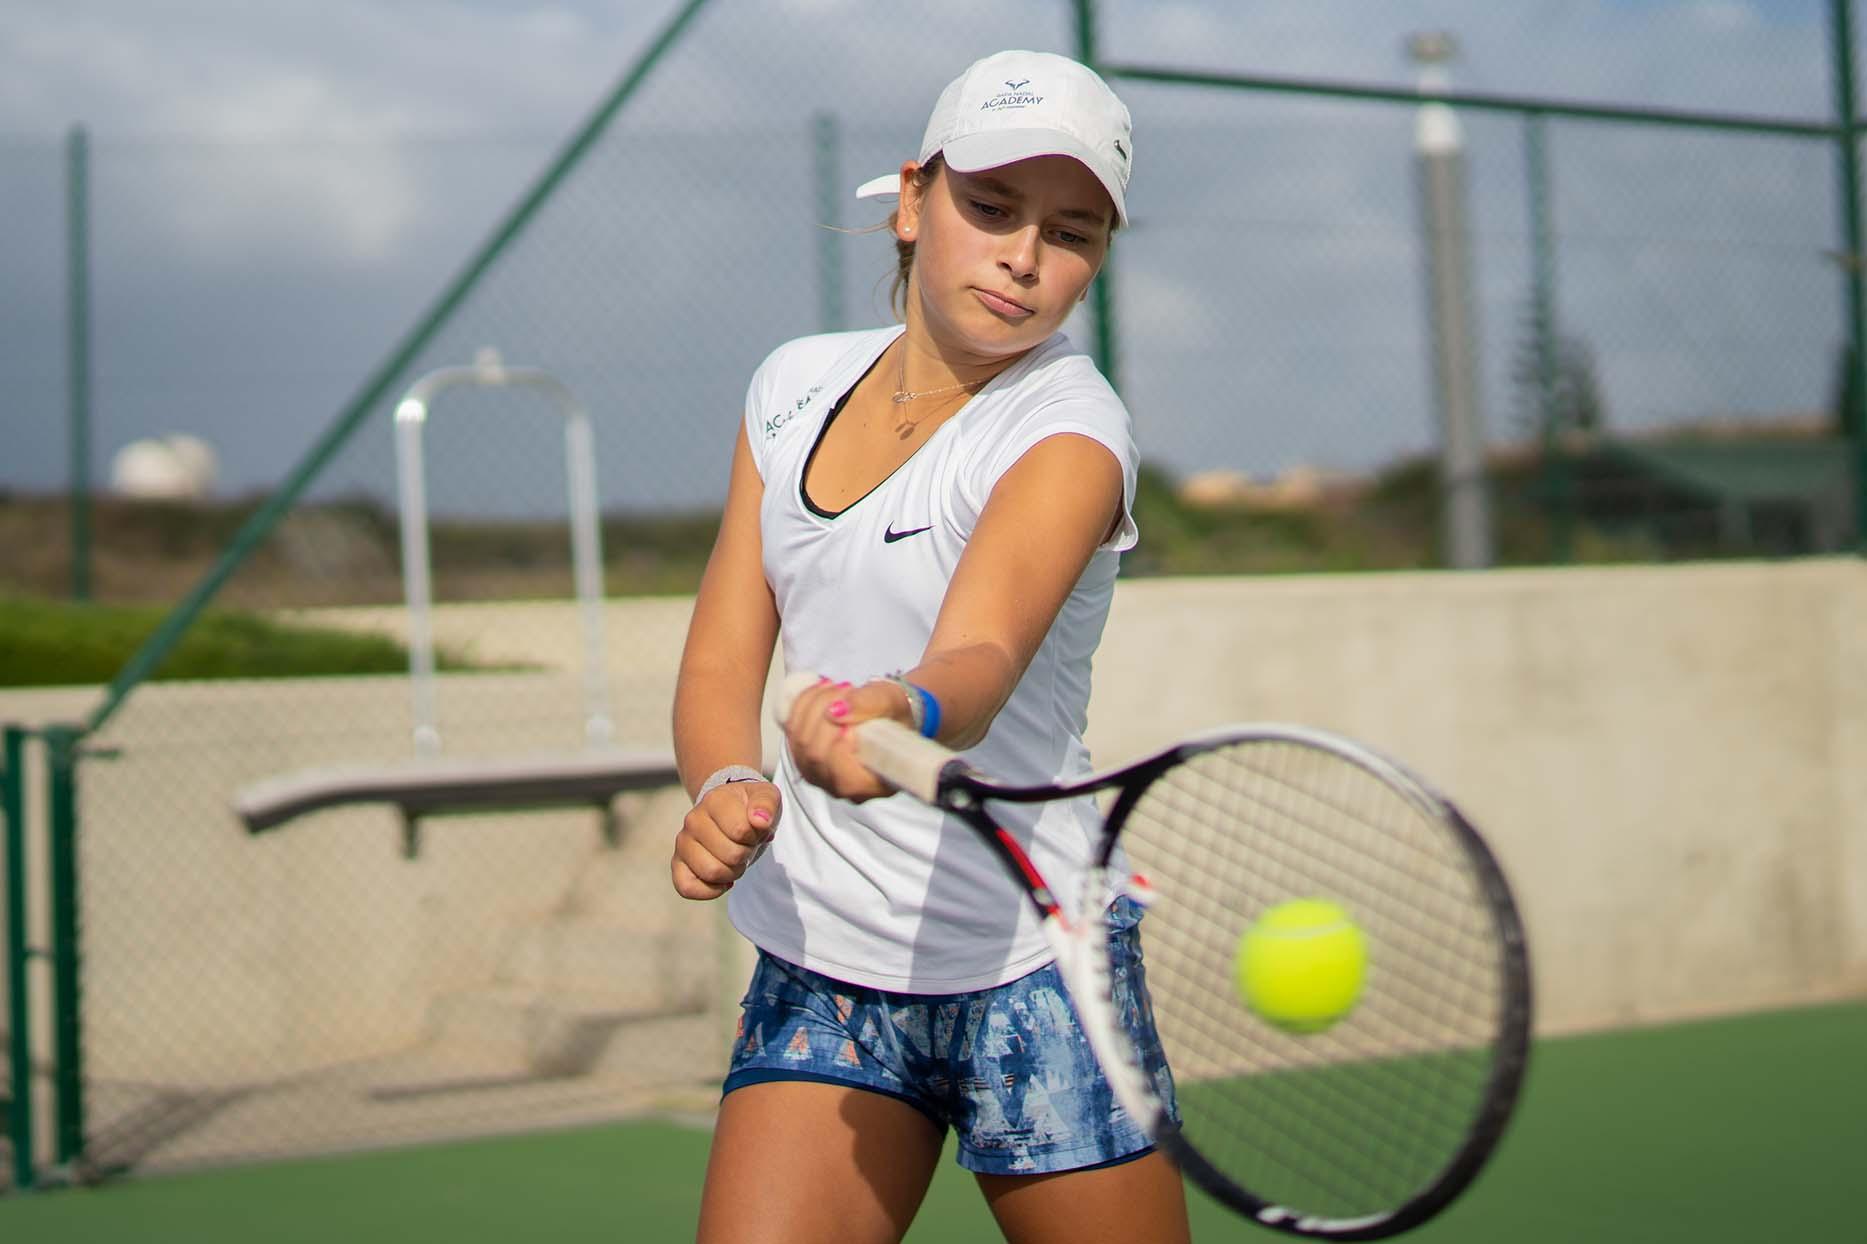 Lesiones de muñeca en el tenis: el giro al golpear la bola también influye